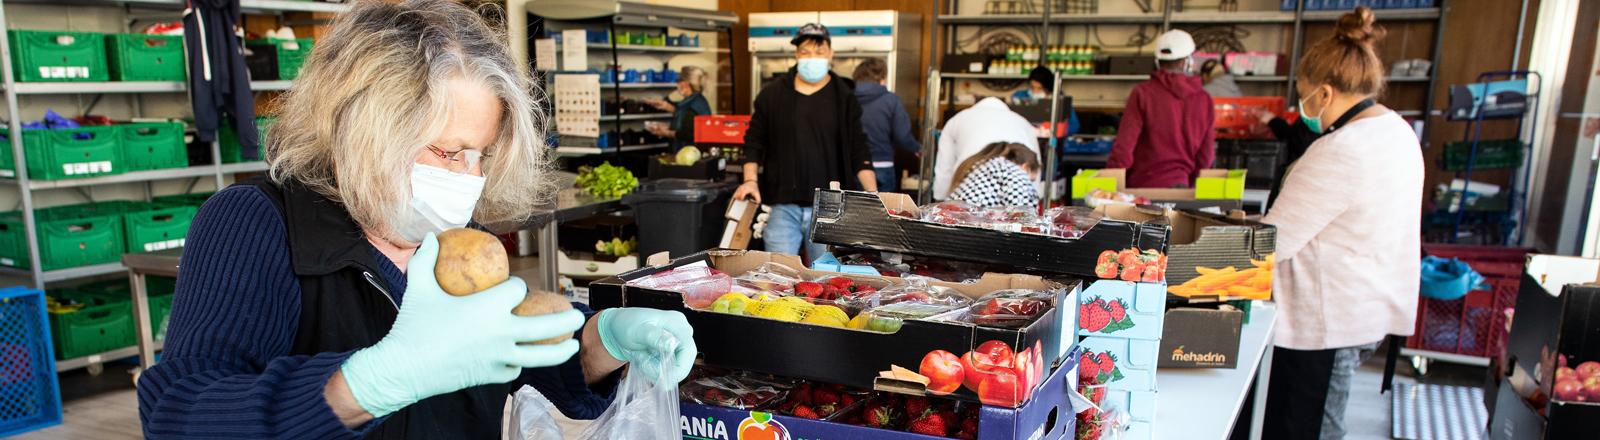 In einer der Tafeln Deutschlands werden Lebensmittel eingepackt.